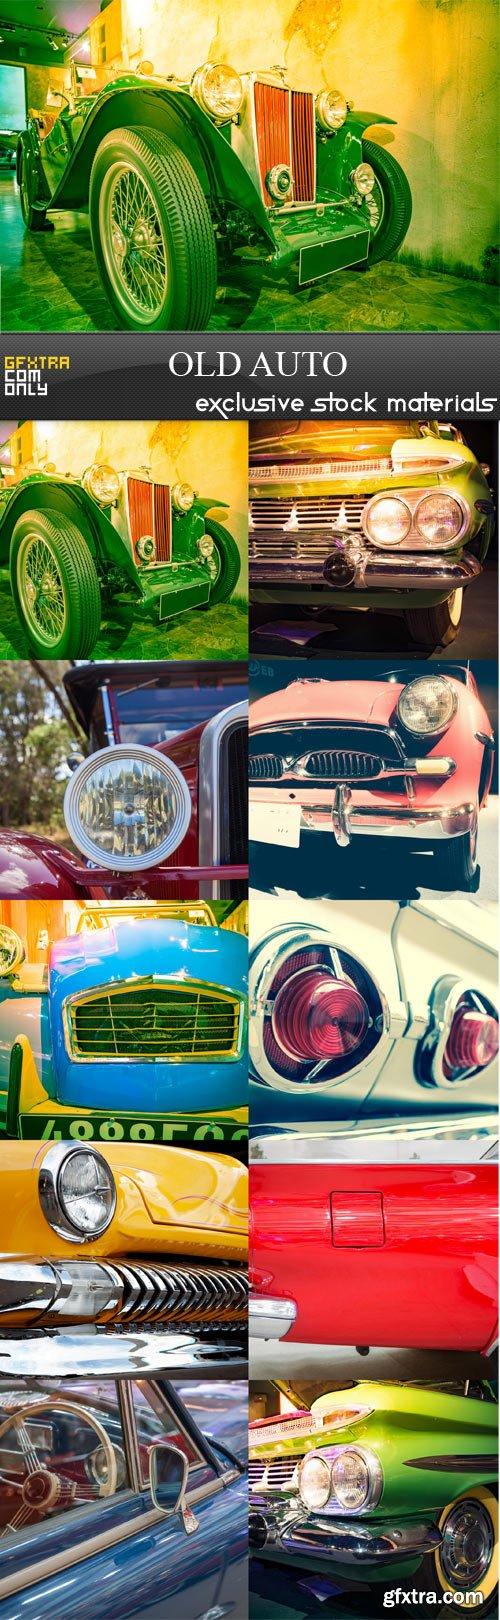 Old auto -10 JPEGs